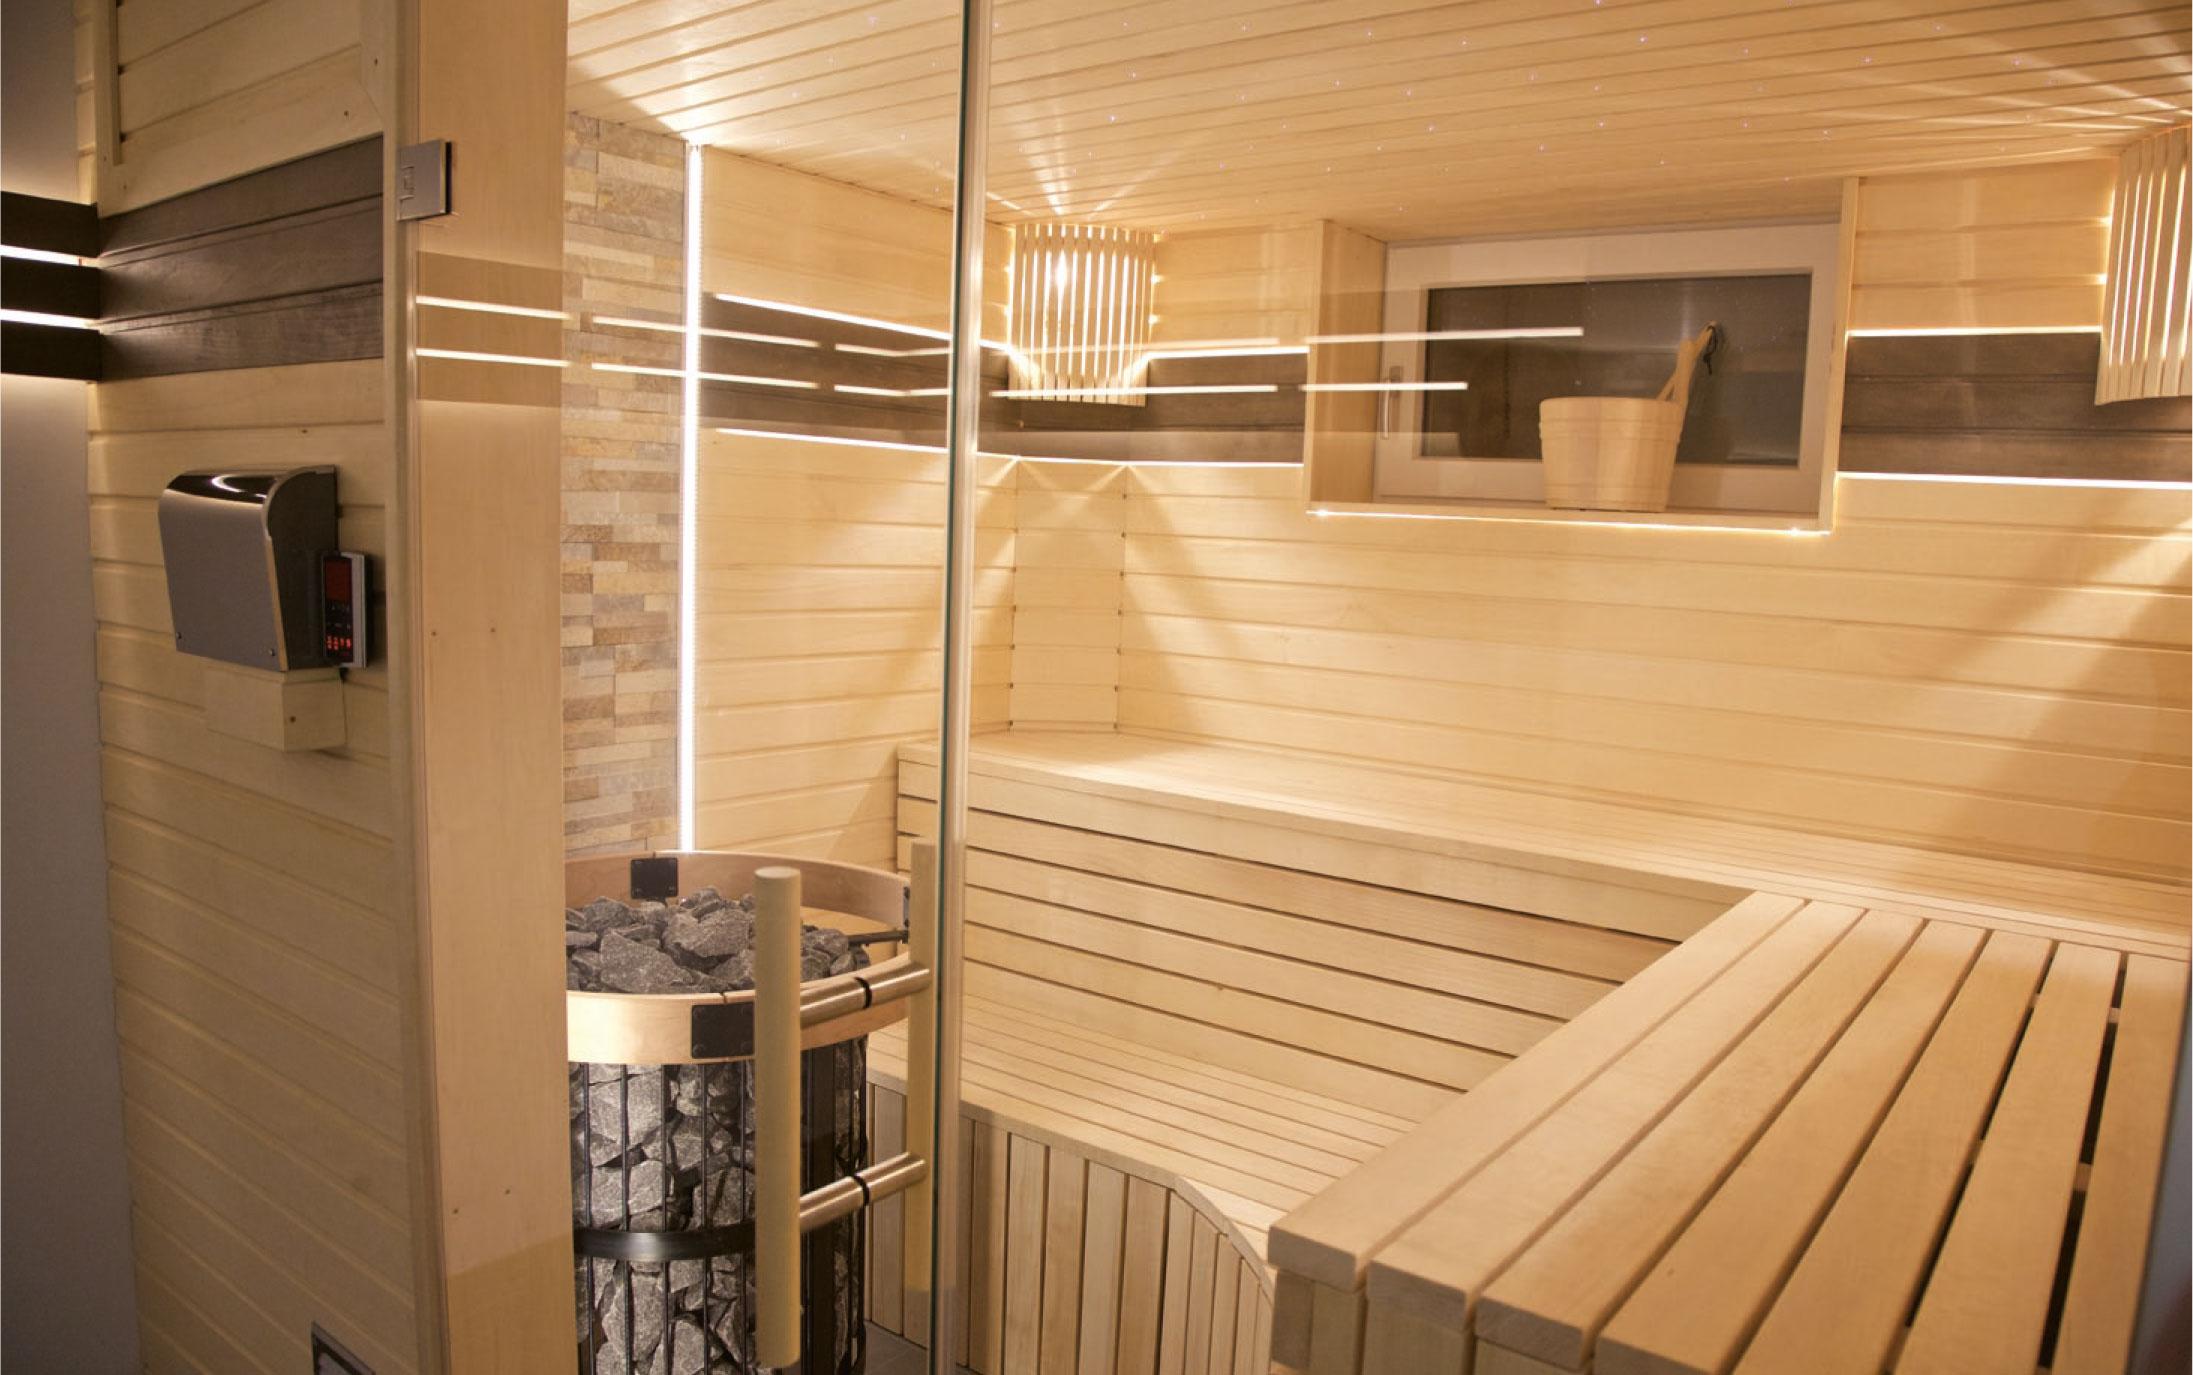 Full Size of Sauna Kaufen Nach Ma Wellnessmanufaktur Strebinger Günstig Betten Im Badezimmer Alte Fenster Big Sofa Küche Ikea Garten Pool Guenstig Regal 140x200 Dusche Wohnzimmer Sauna Kaufen